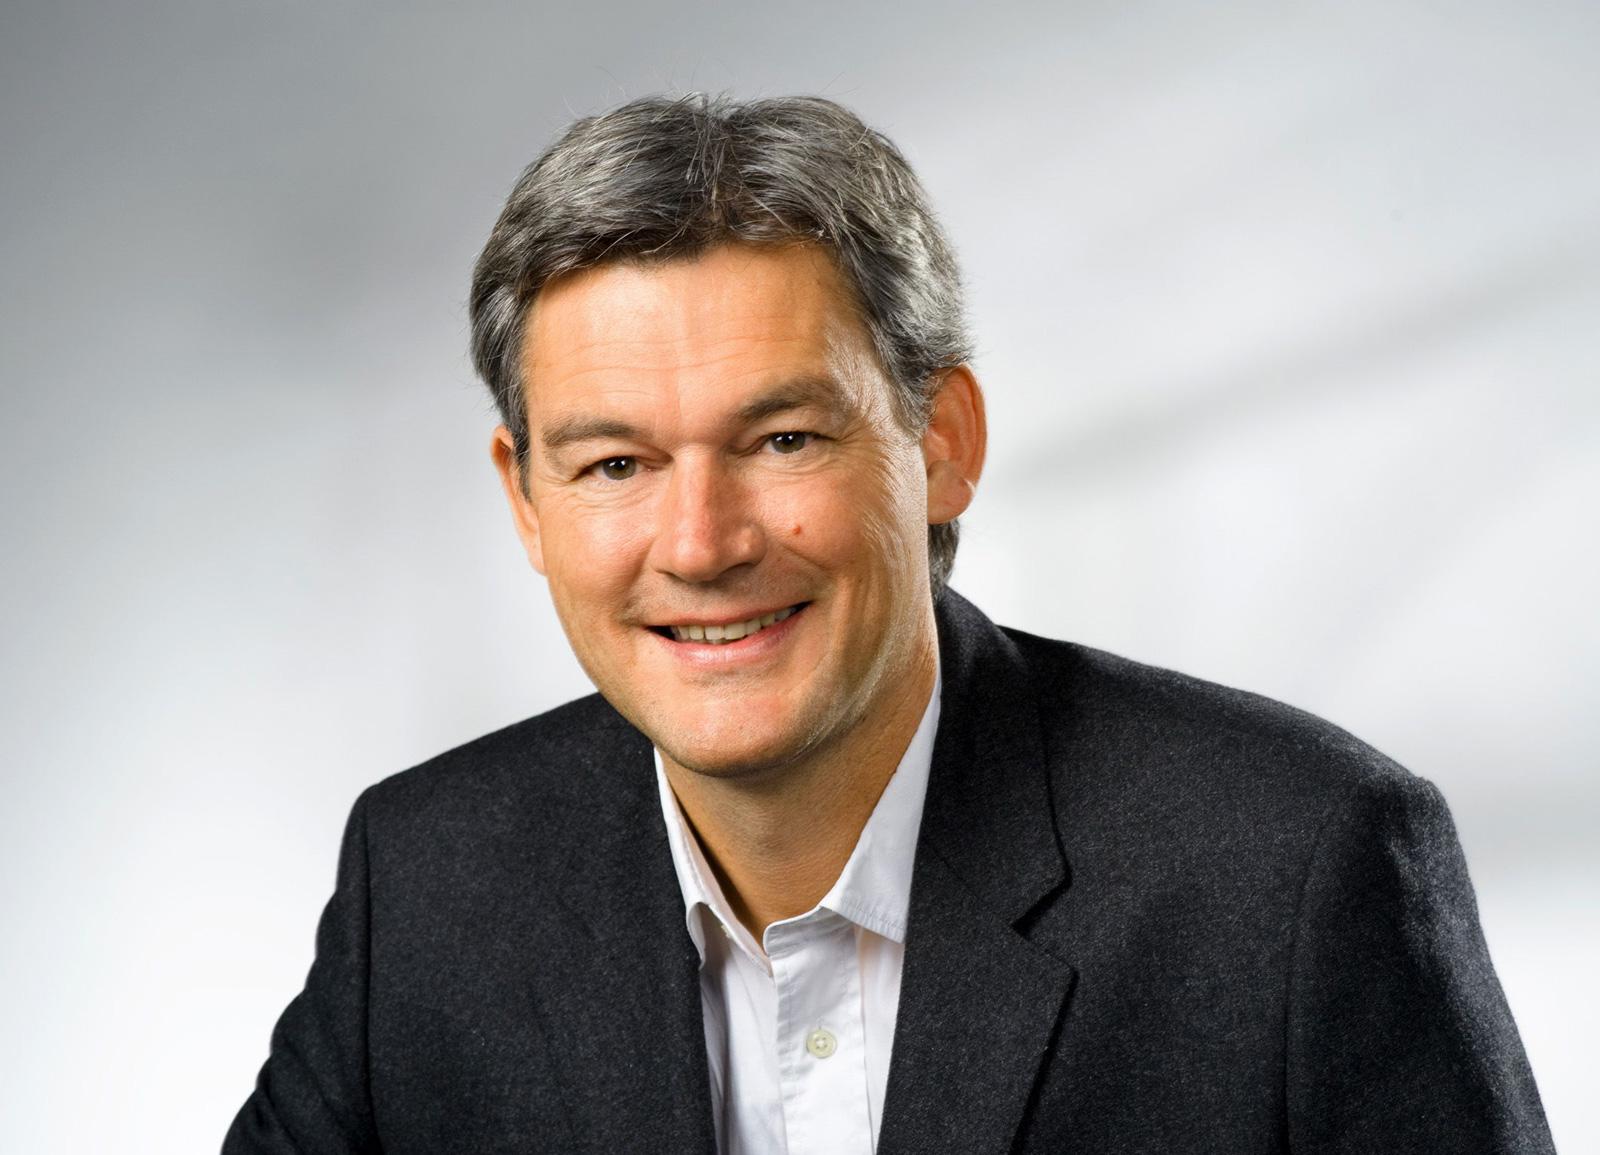 Roland Mader, Facharzt für Psychiatrie und psychotherapeutische Medizin